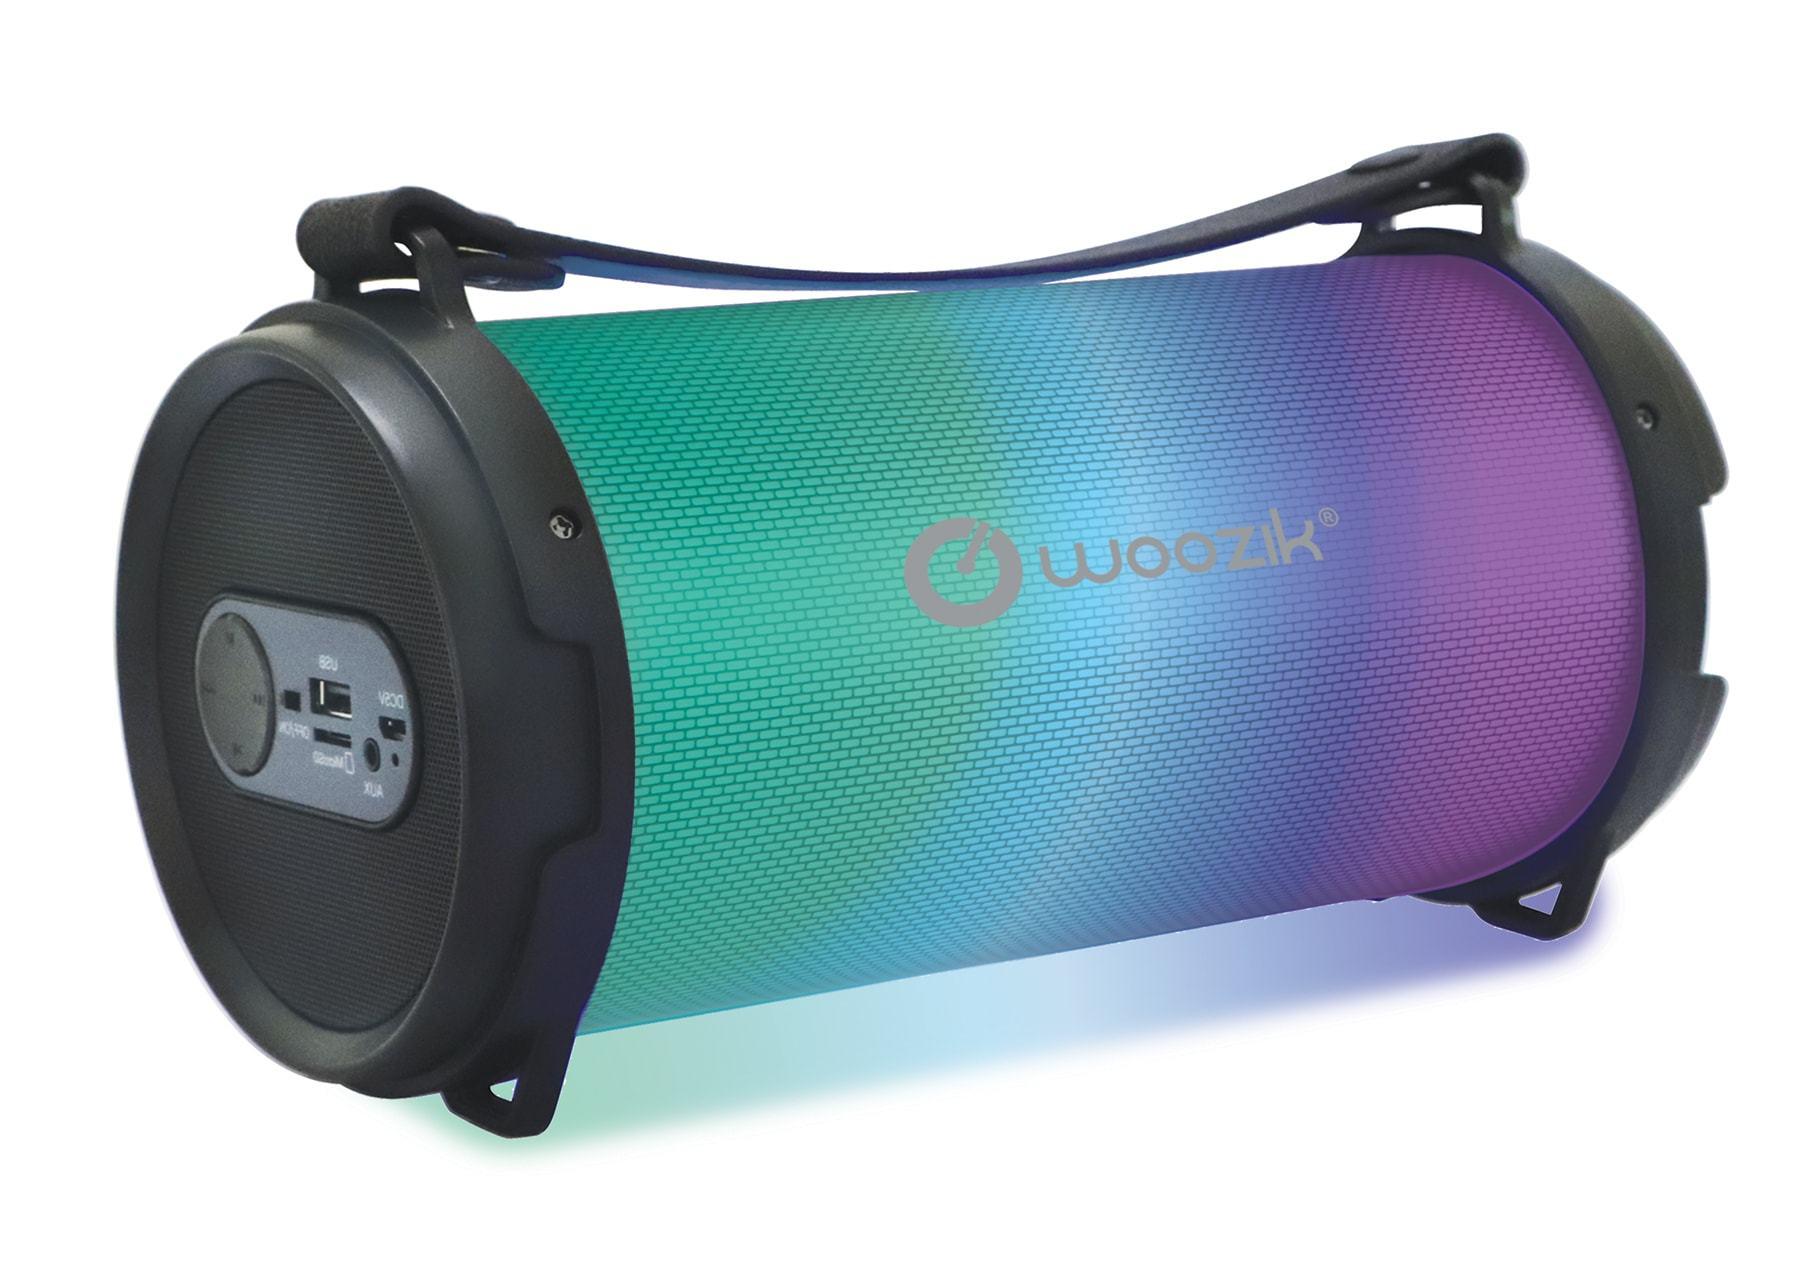 Rockit Play LED Wireless Speaker Wireless speakers